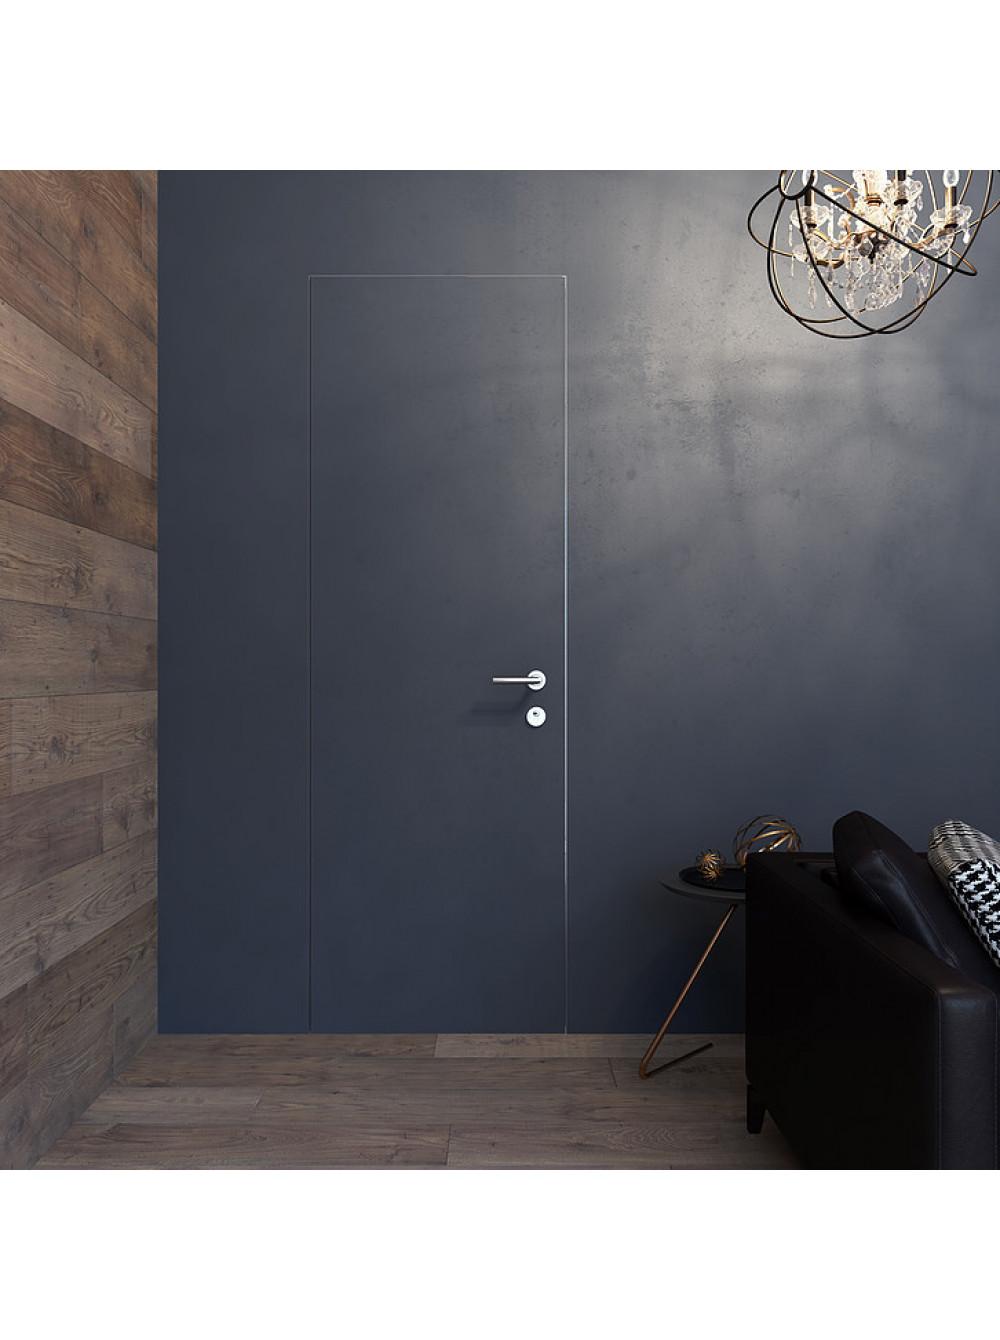 Межкомнатная дверь скрытого монтажа Invizible